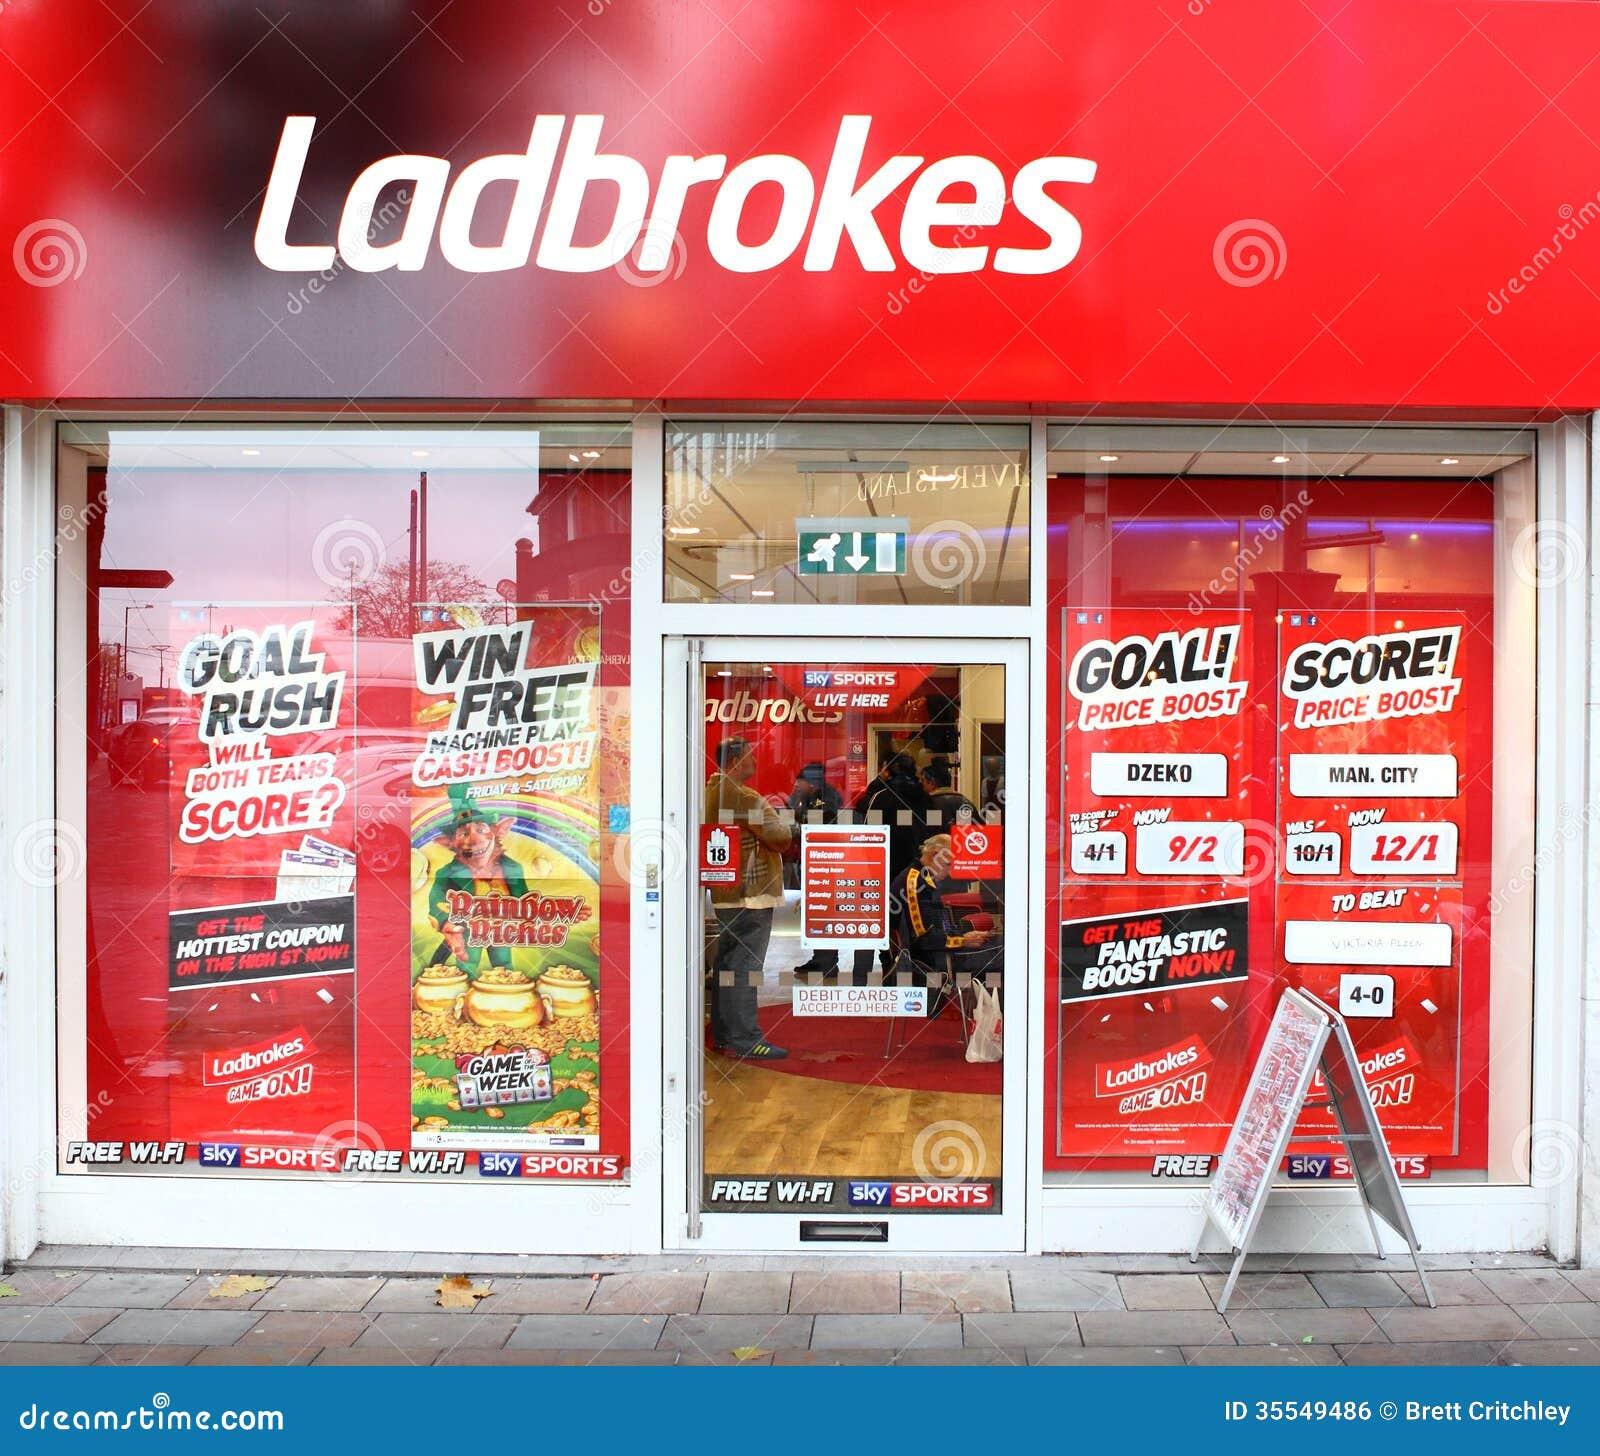 Ladbrokes uprawia hazard zakładający się firmy